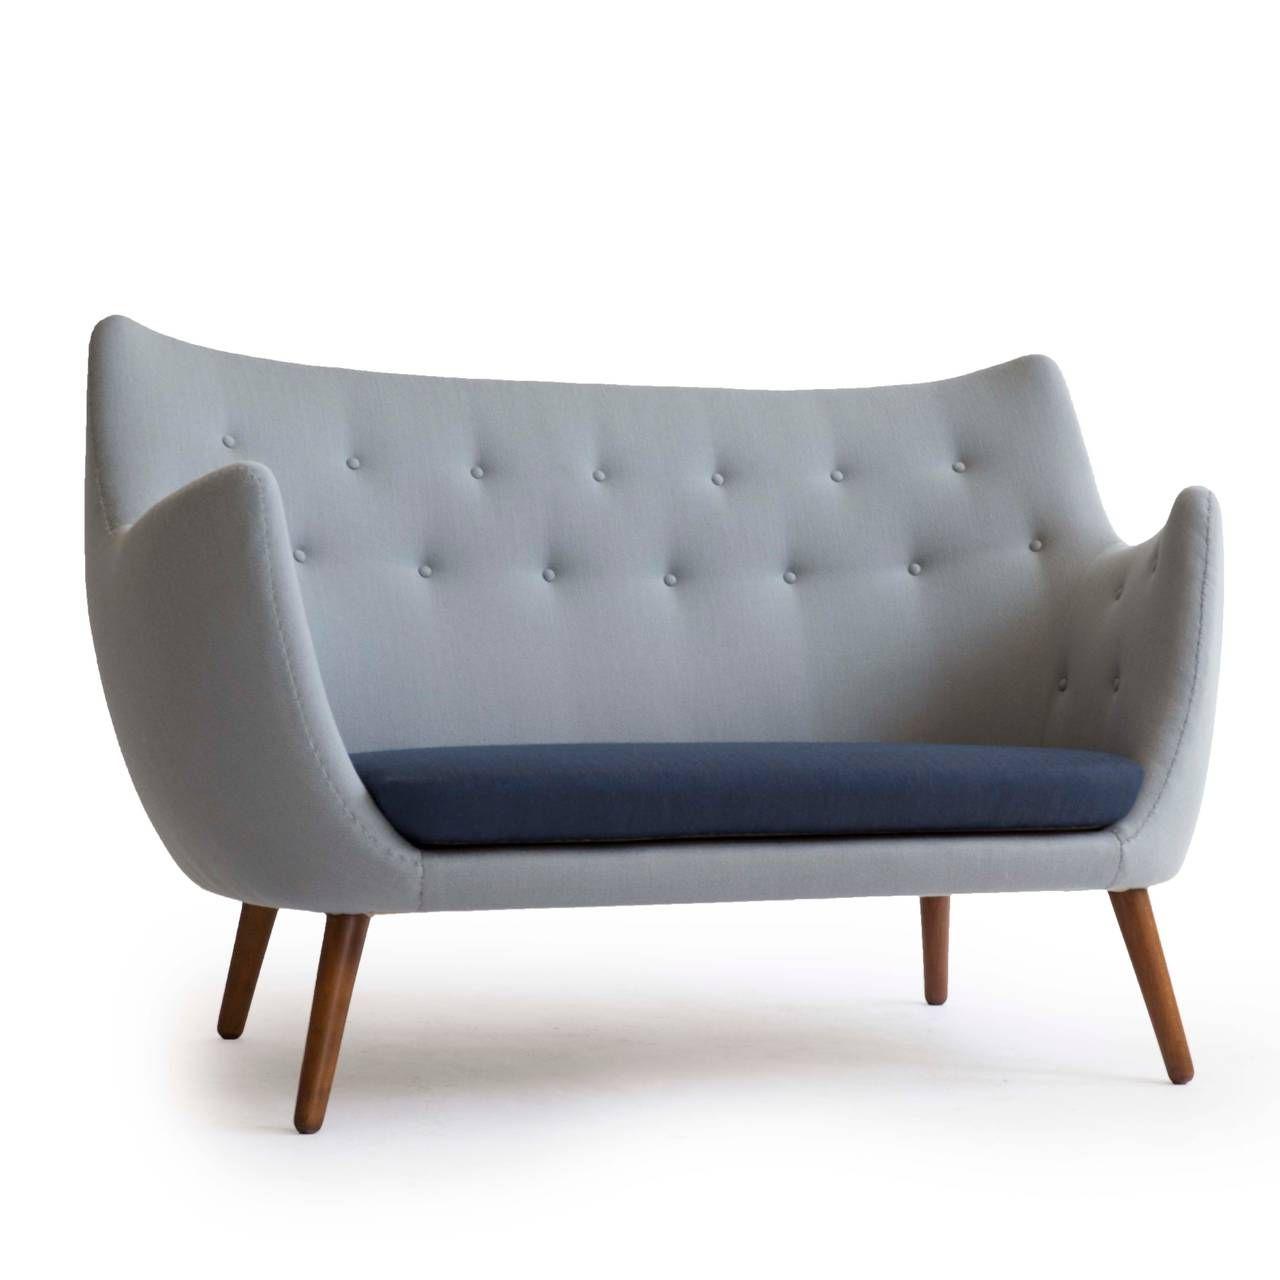 Finn Juhl Poet Sofa Sale Modern Sets In Kenya 39poet 39 For Niels Vodder From A Unique